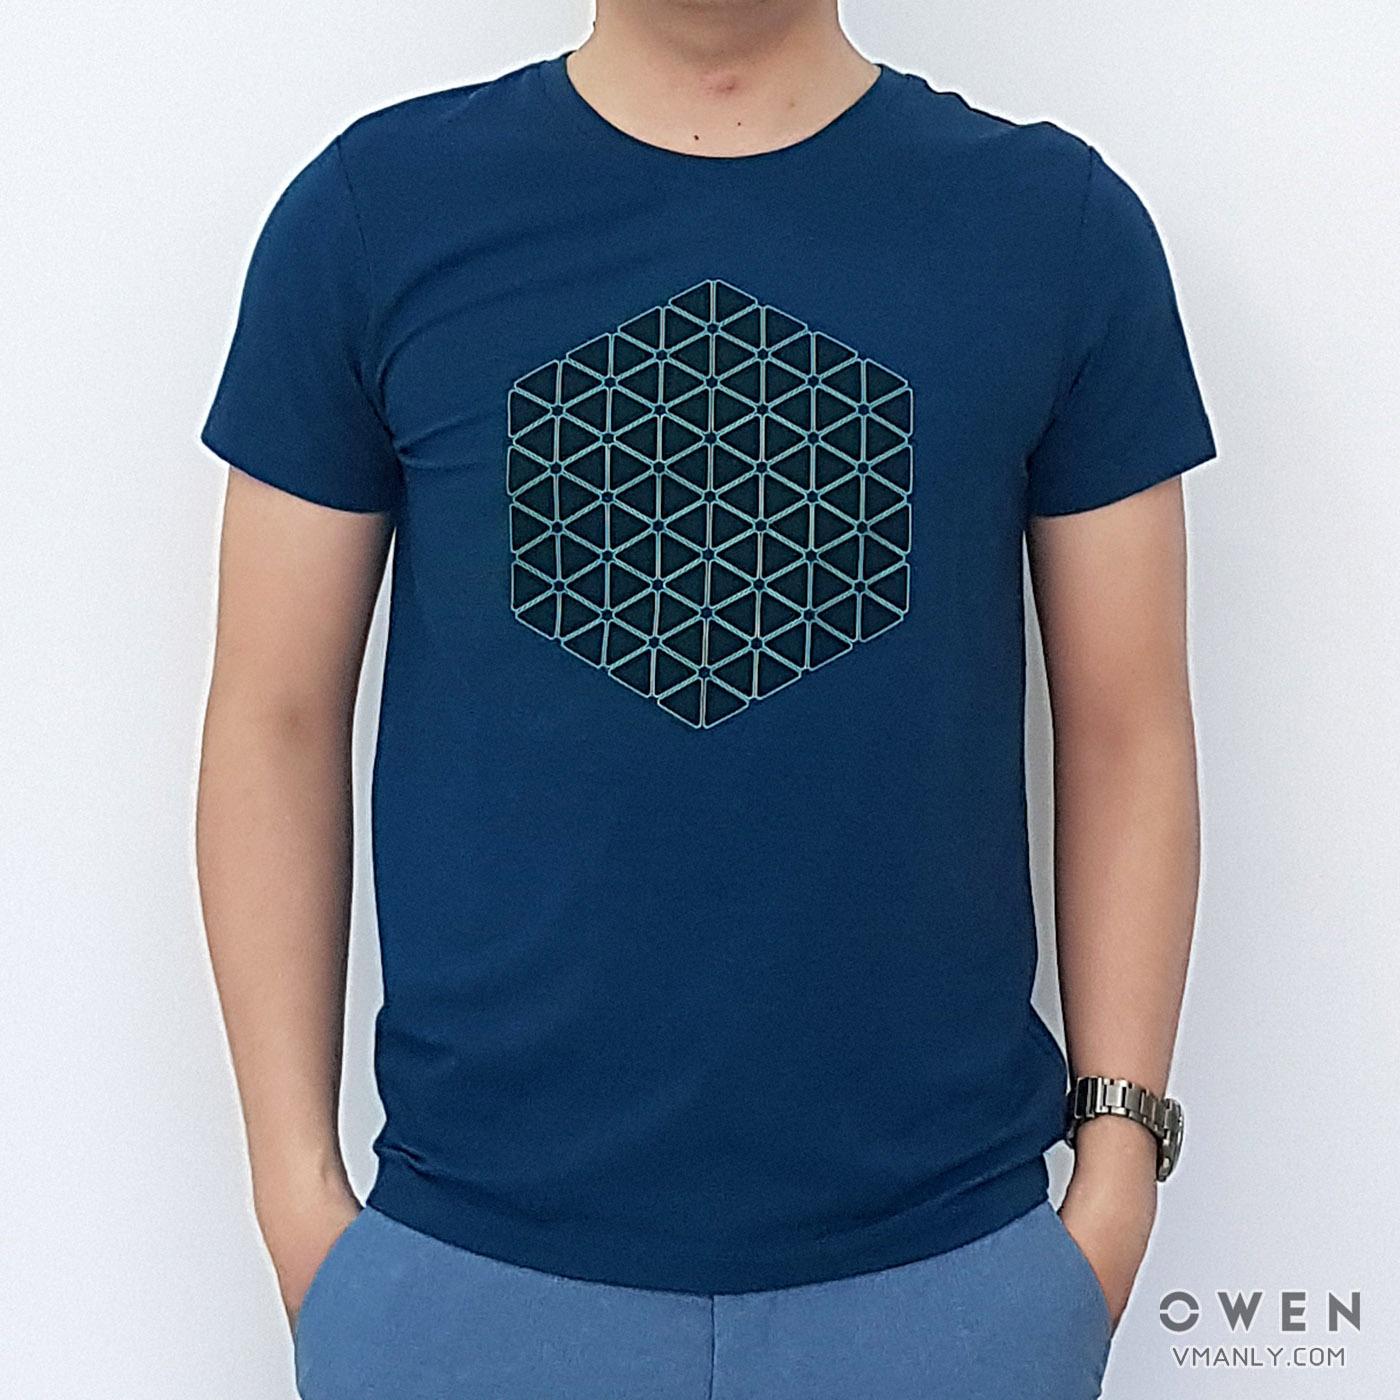 Áo T-shirt nam Owen cổ tròn màu xanh ngọc TSN90708